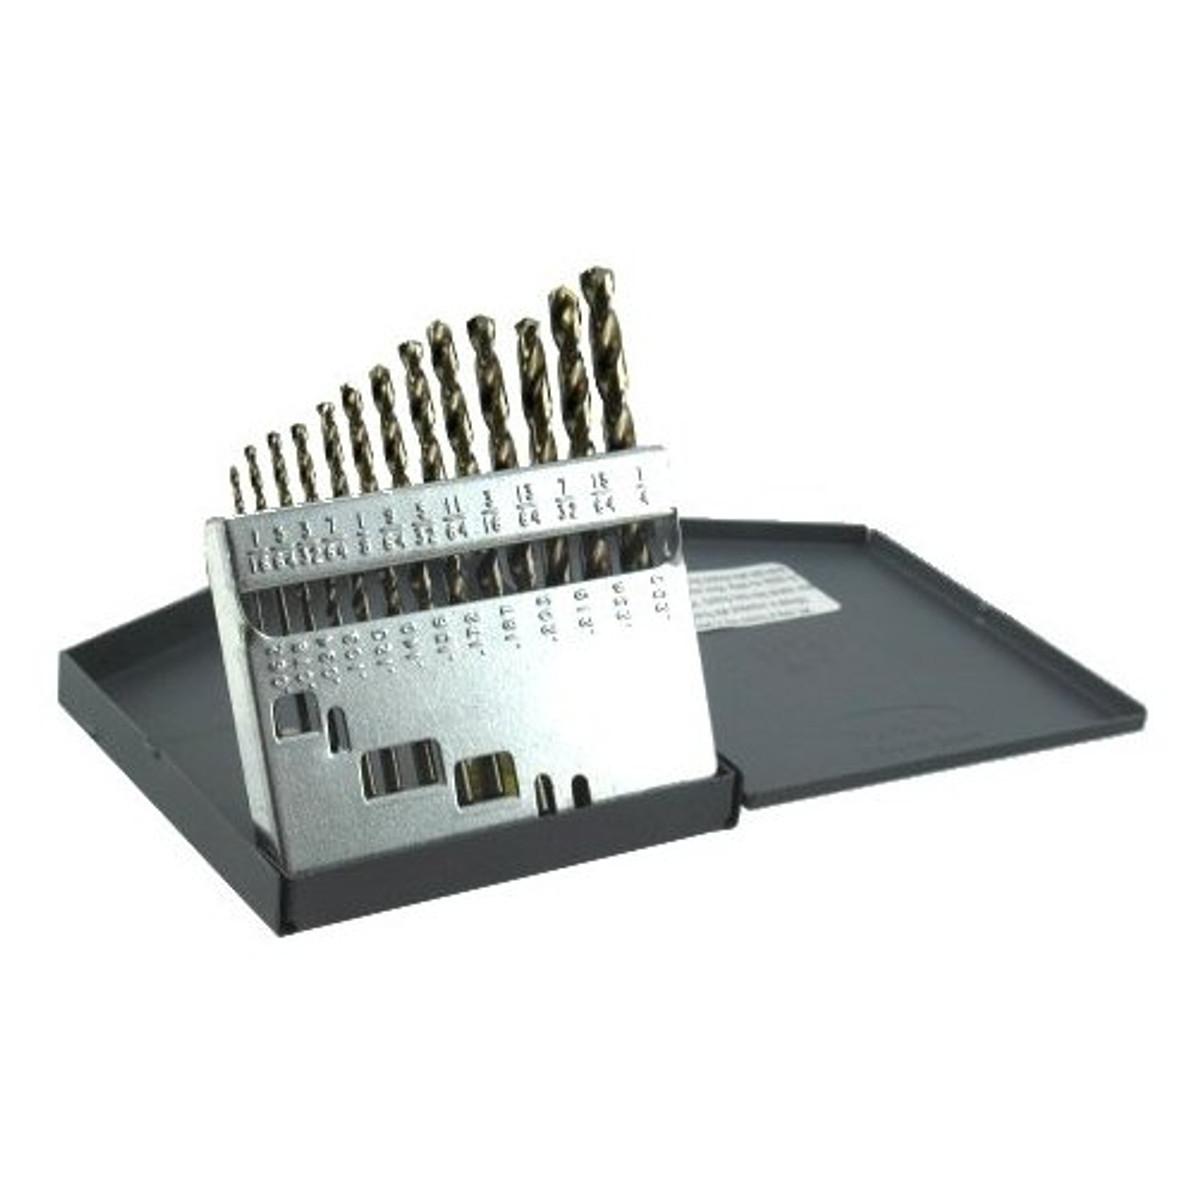 Cobalt Drill Bit Set >> 1 16 To 1 4 High Speed Cobalt Drill Bit Set Greschlers Hardware